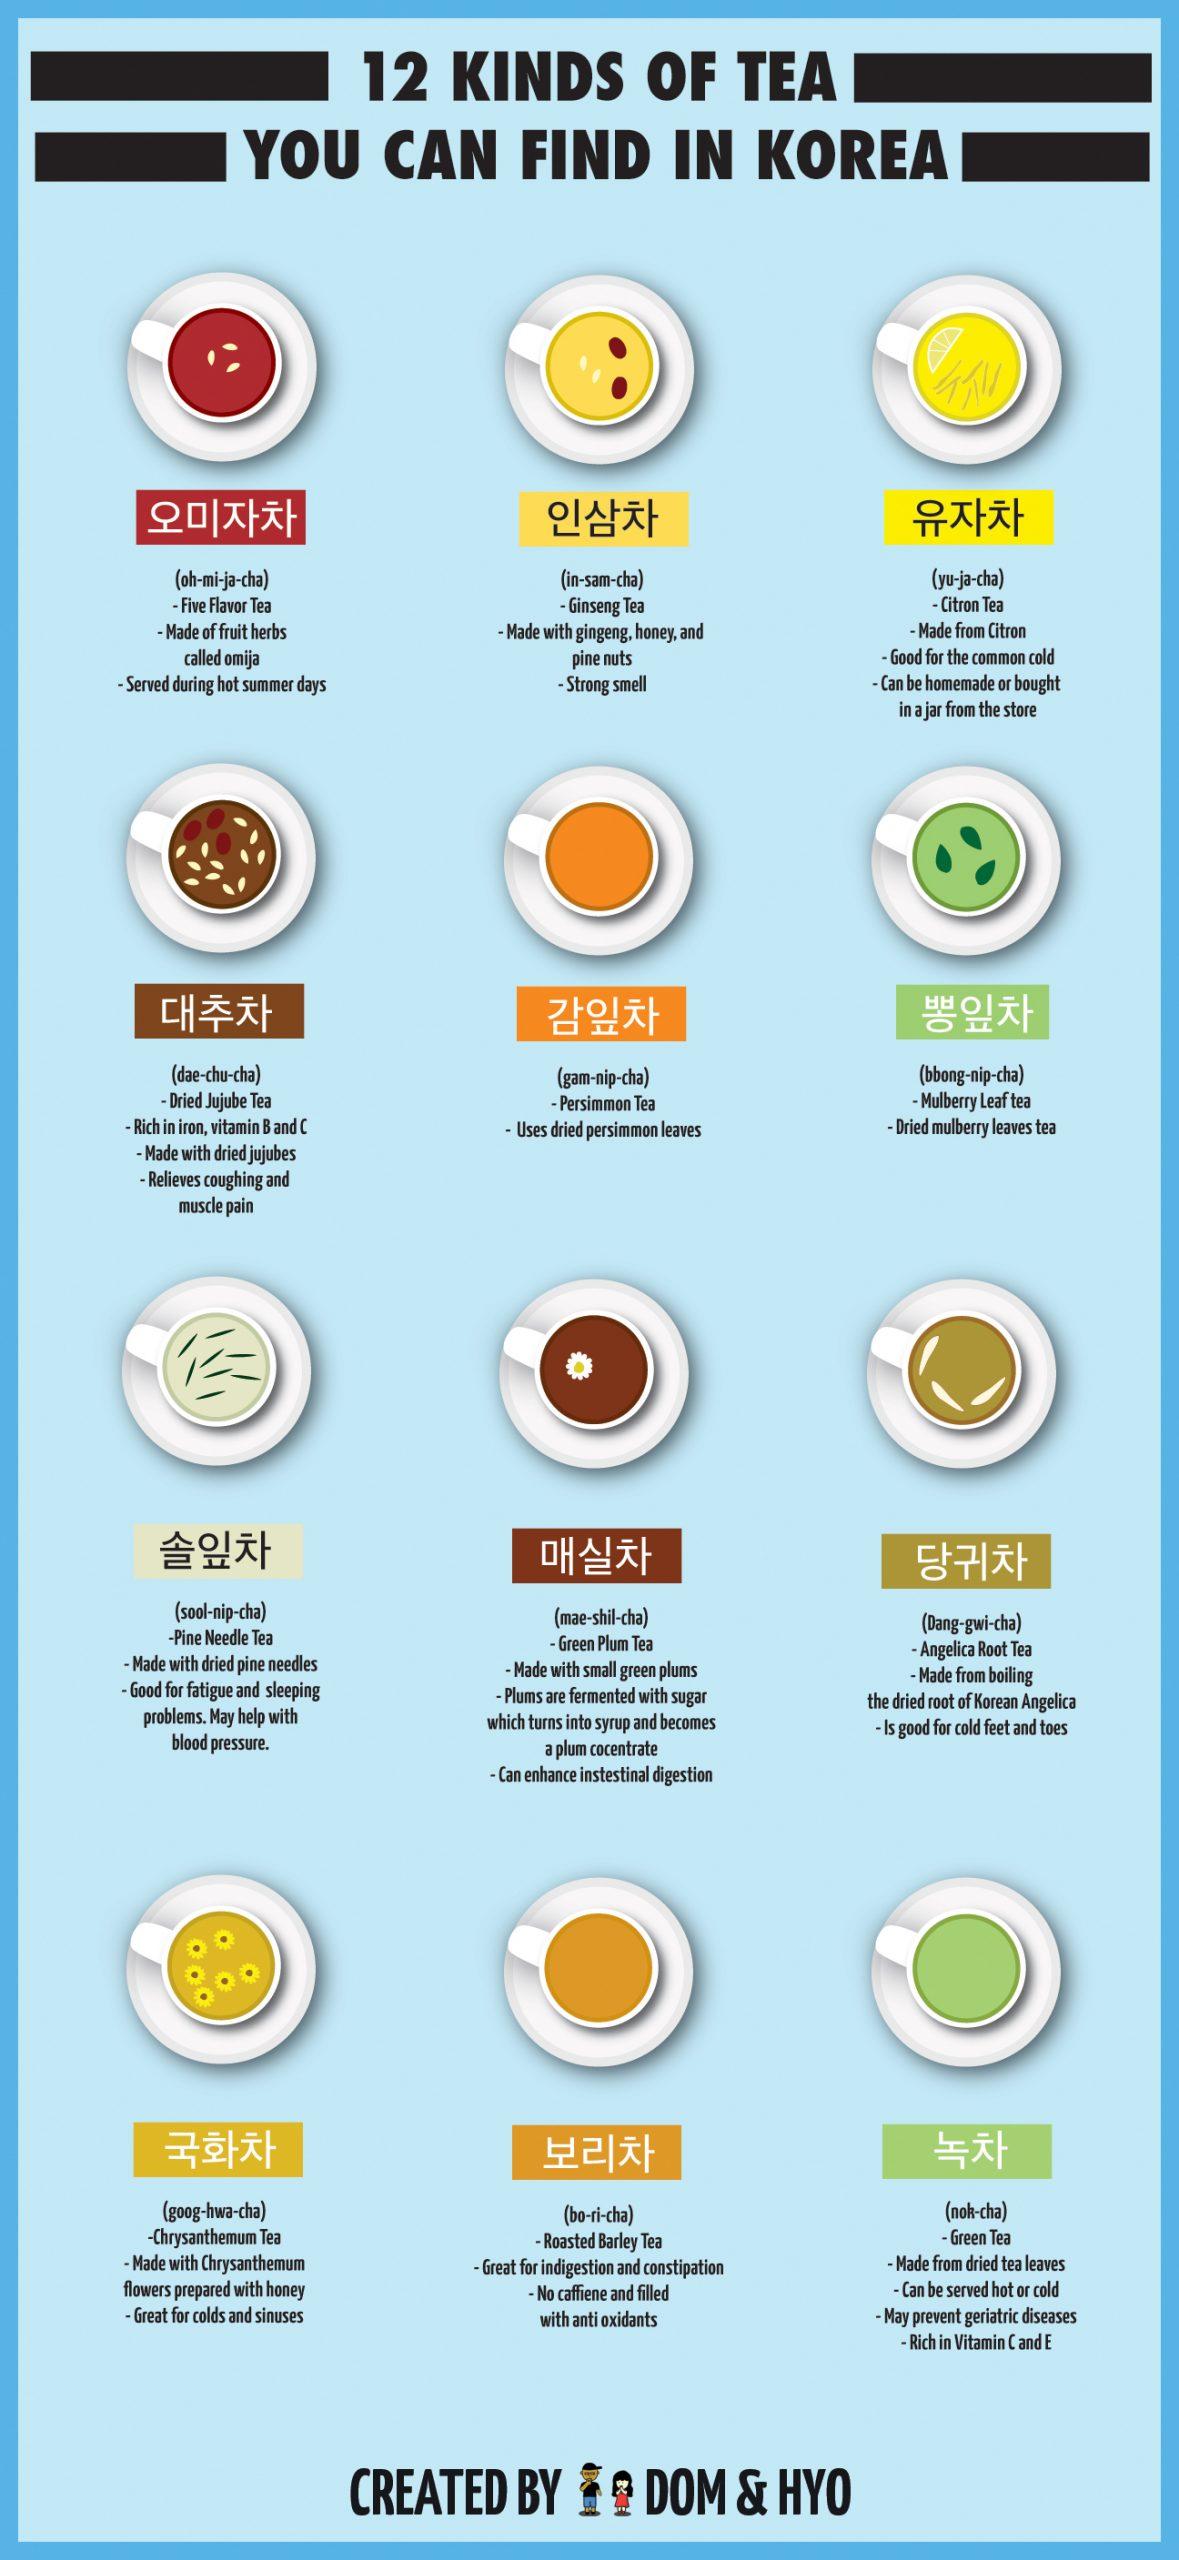 Kinds of Tea in Korea